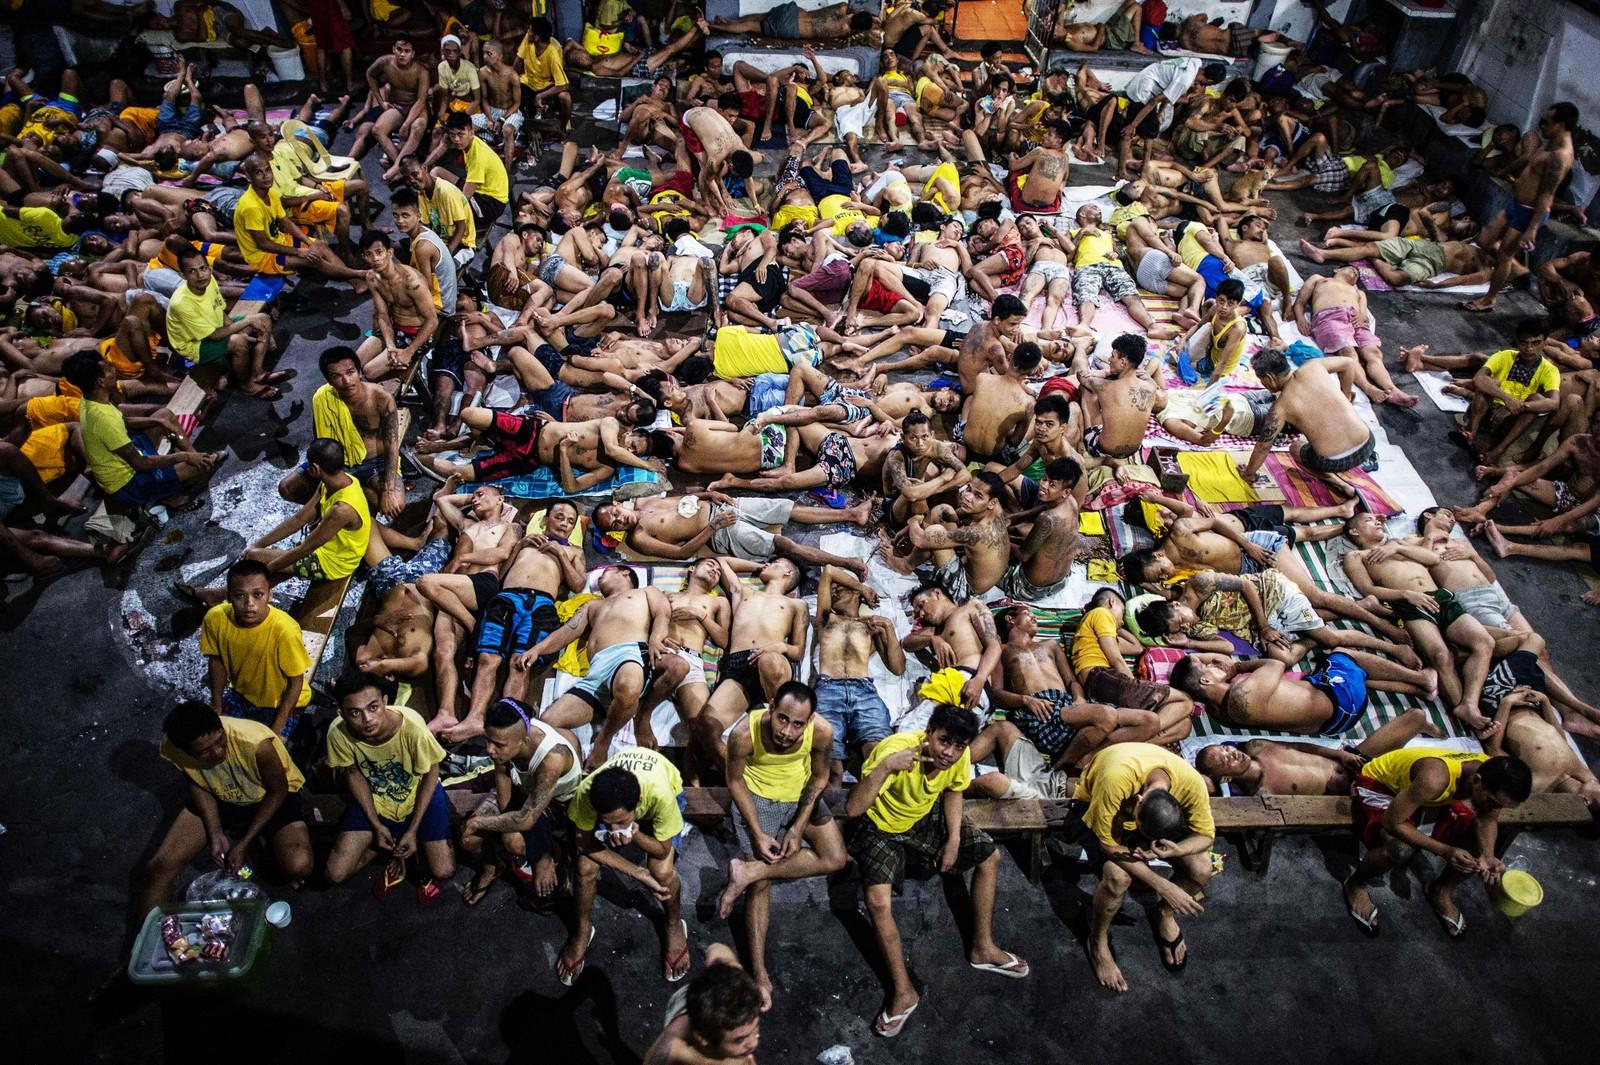 Fanger i Quezon City-fengsel sover tett i tett på en utendørs basketballbane i fengselet.